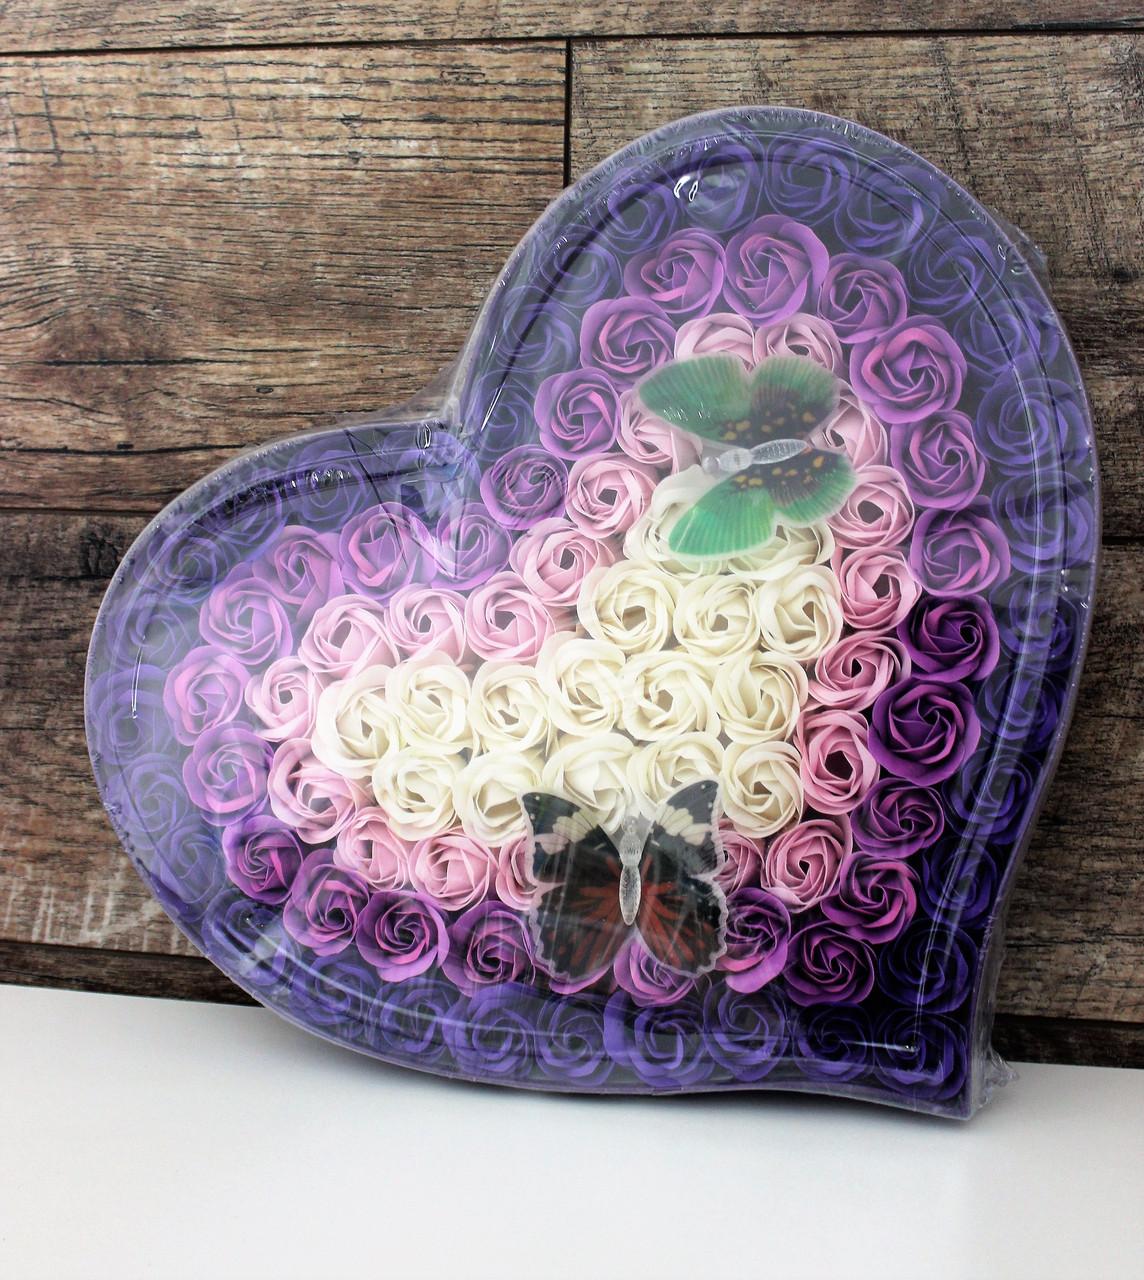 Подарочный набор мыло из роз c бабочками